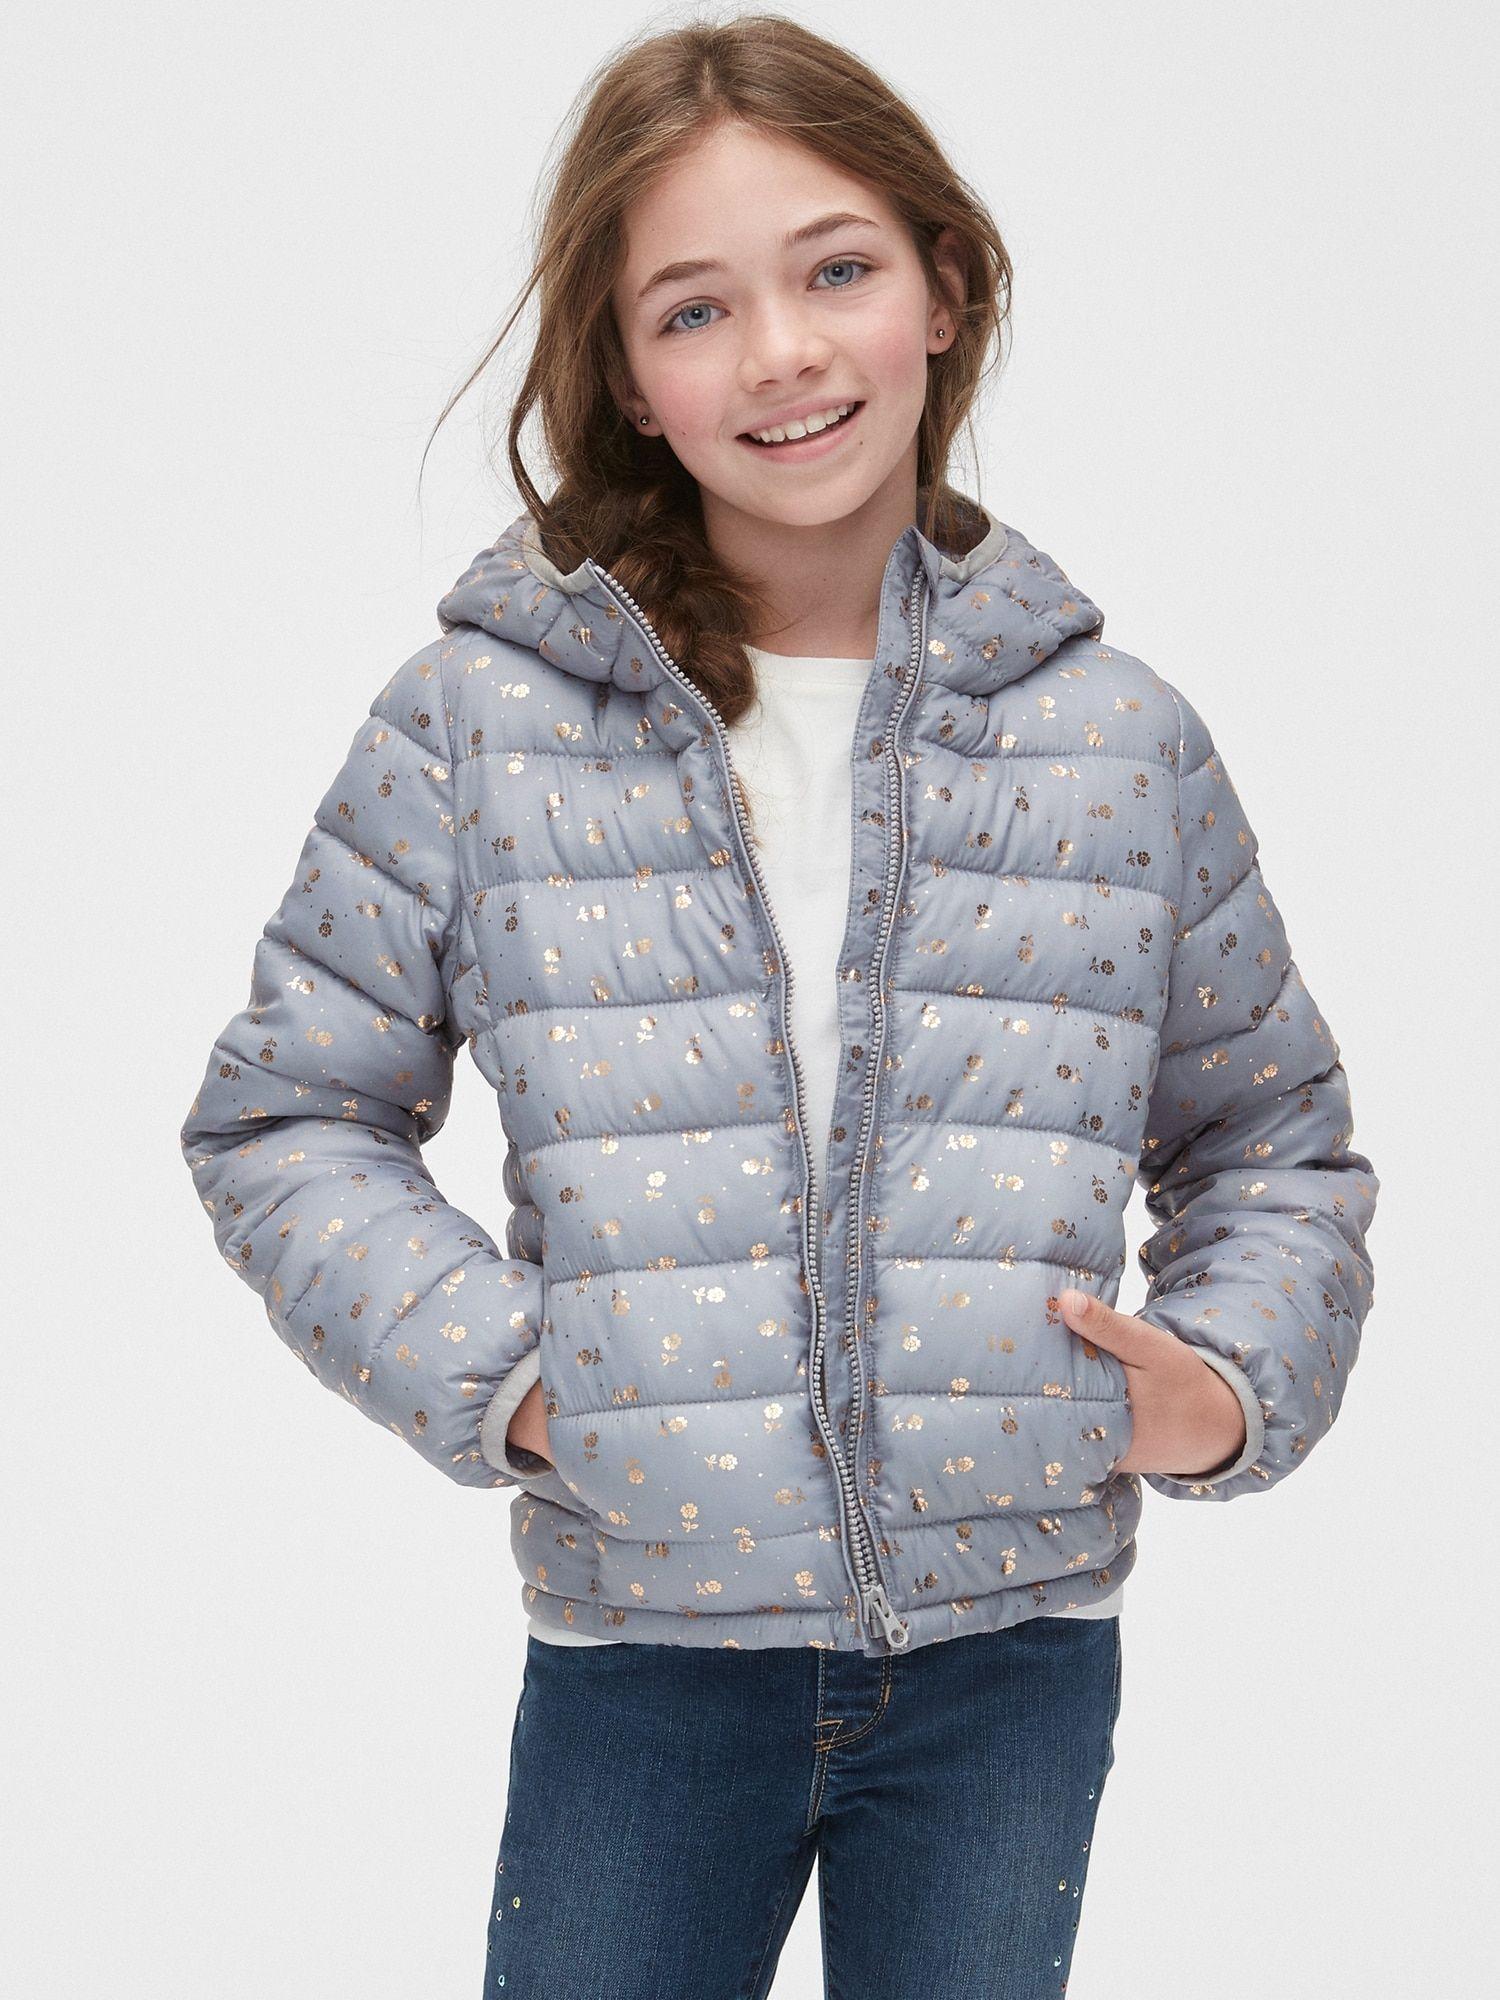 Floral Puffer Jacket Gap Old Navy Gap Girls Jacket Fashion [ 2000 x 1500 Pixel ]